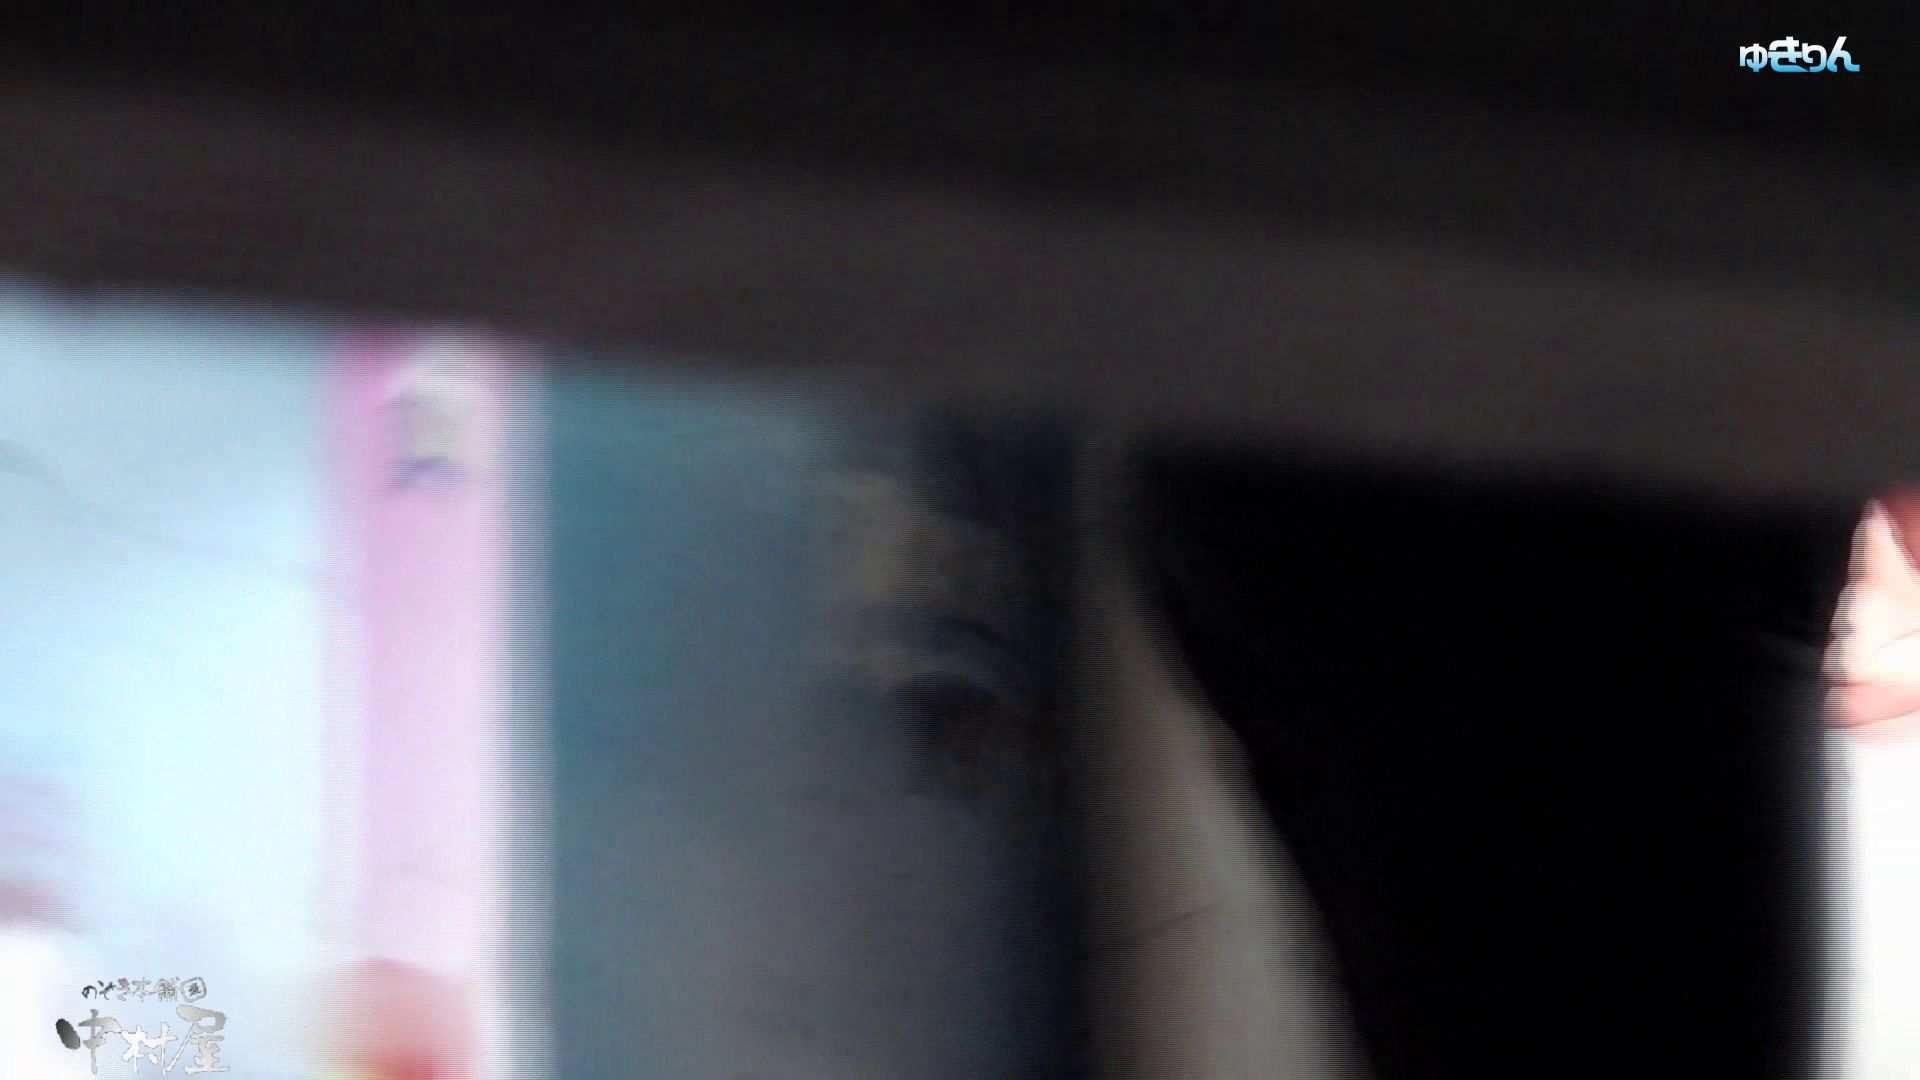 世界の射窓から~ステーション編 vol61 レベルアップ!!画質アップ、再発進 綺麗なOLたち  55枚 34